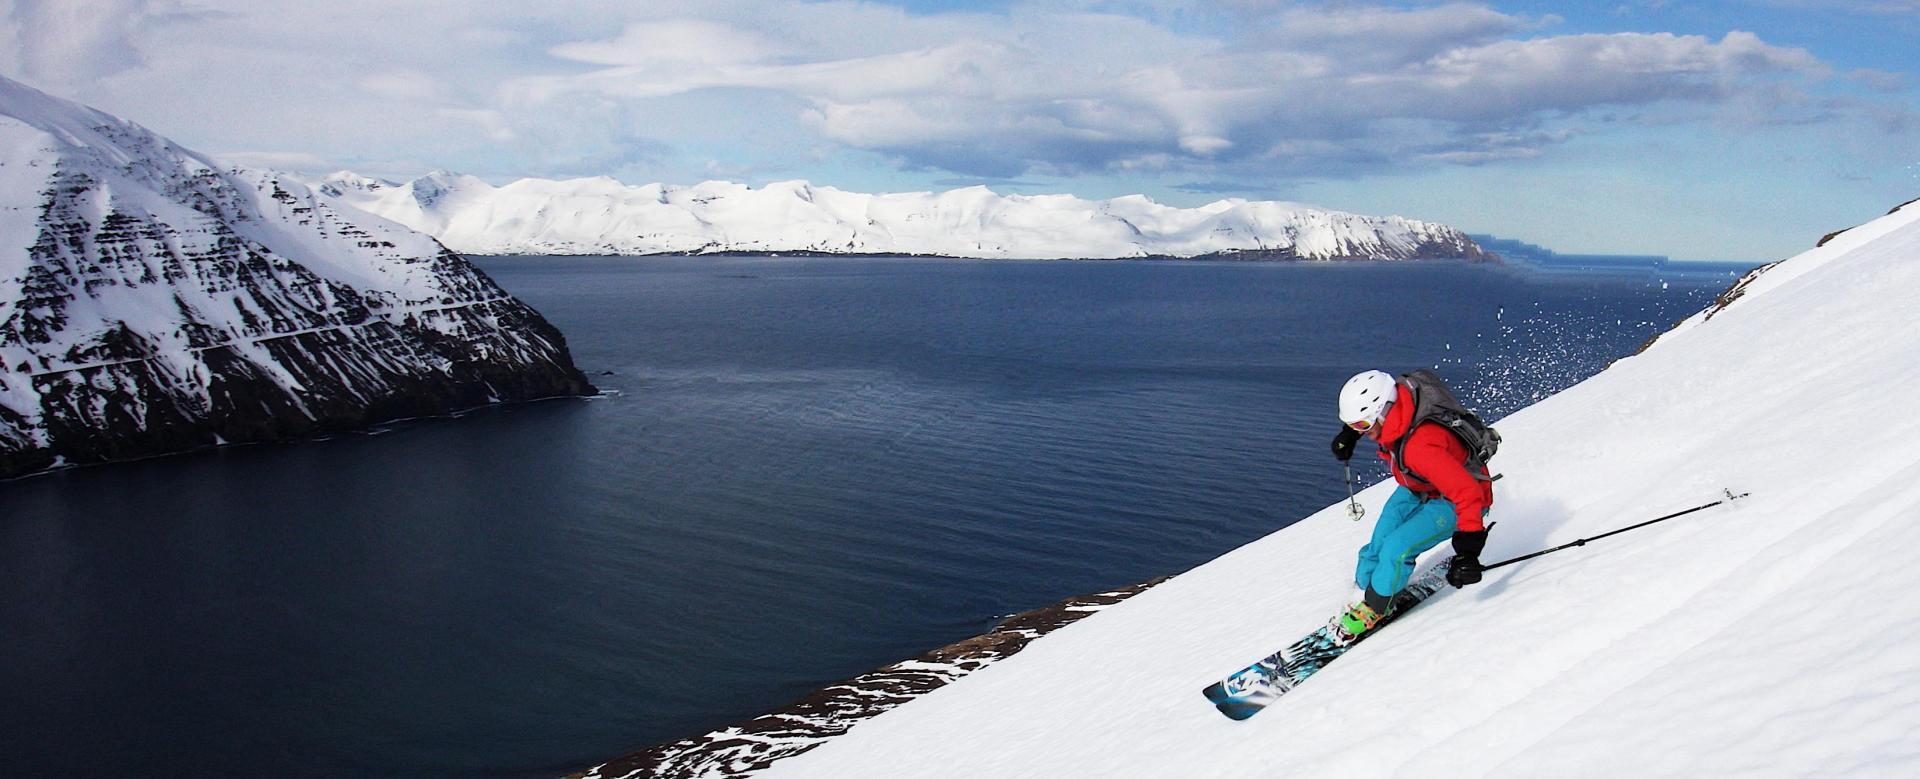 Voyage à la neige : Ski et aurores boréales au pays de feu